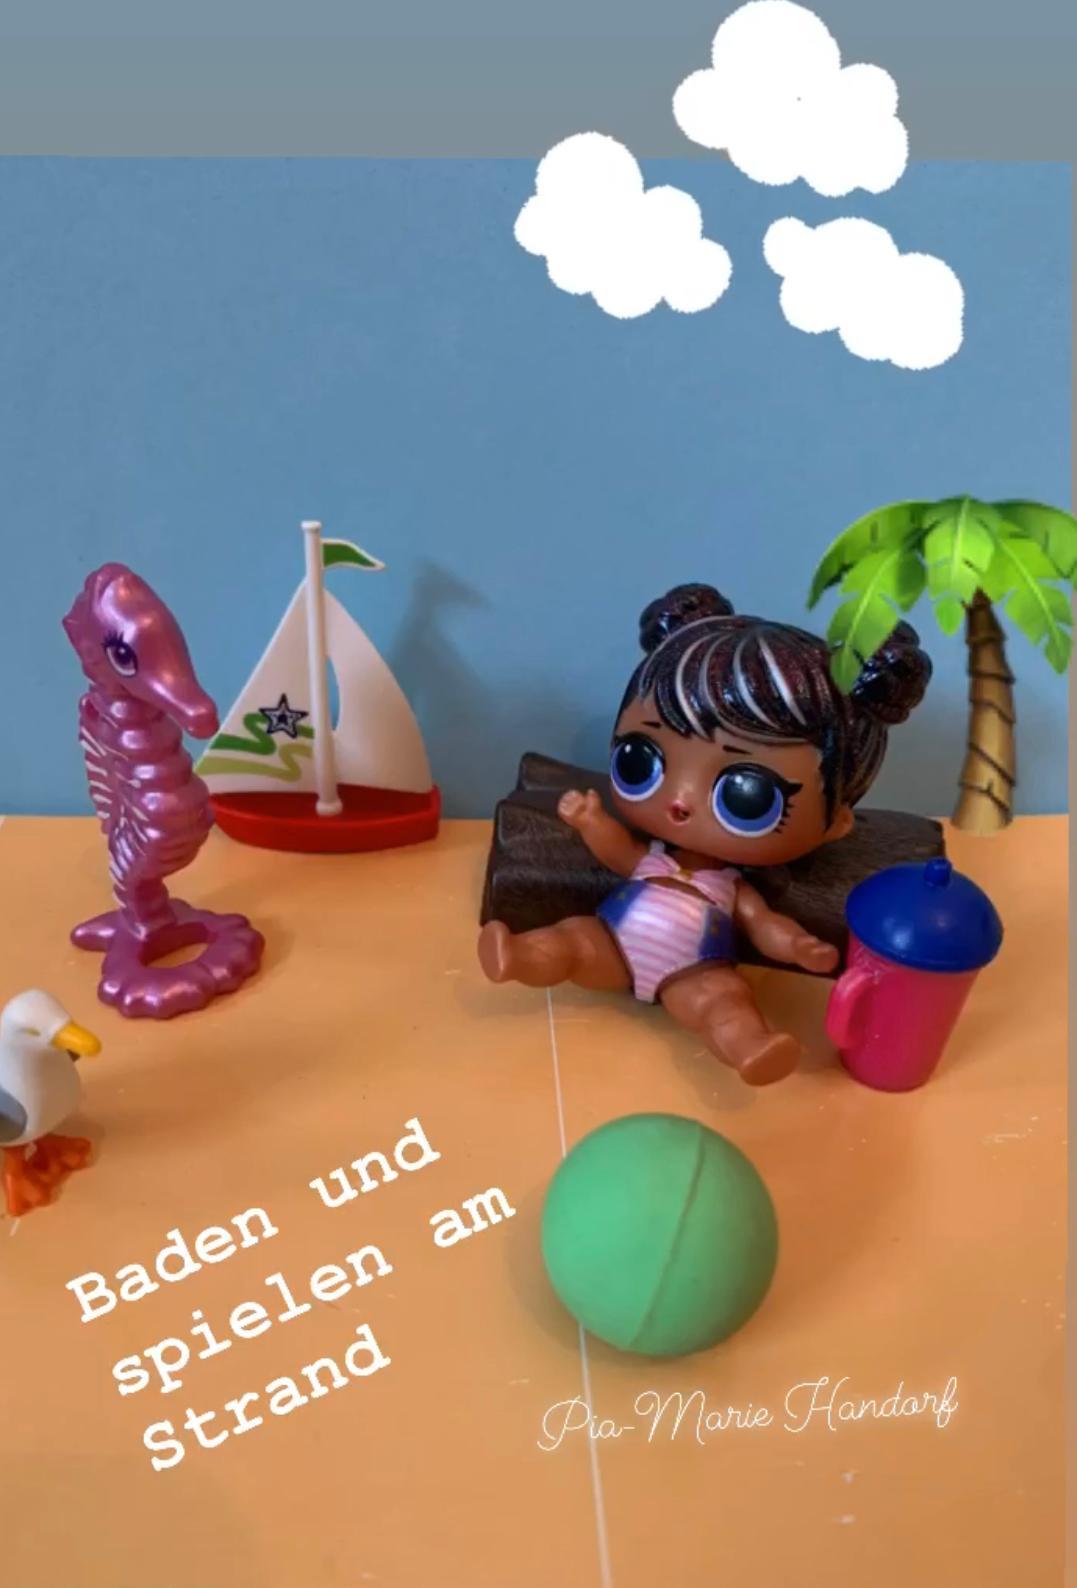 Baden und spielen am Strand. Pia-Marie, 2b